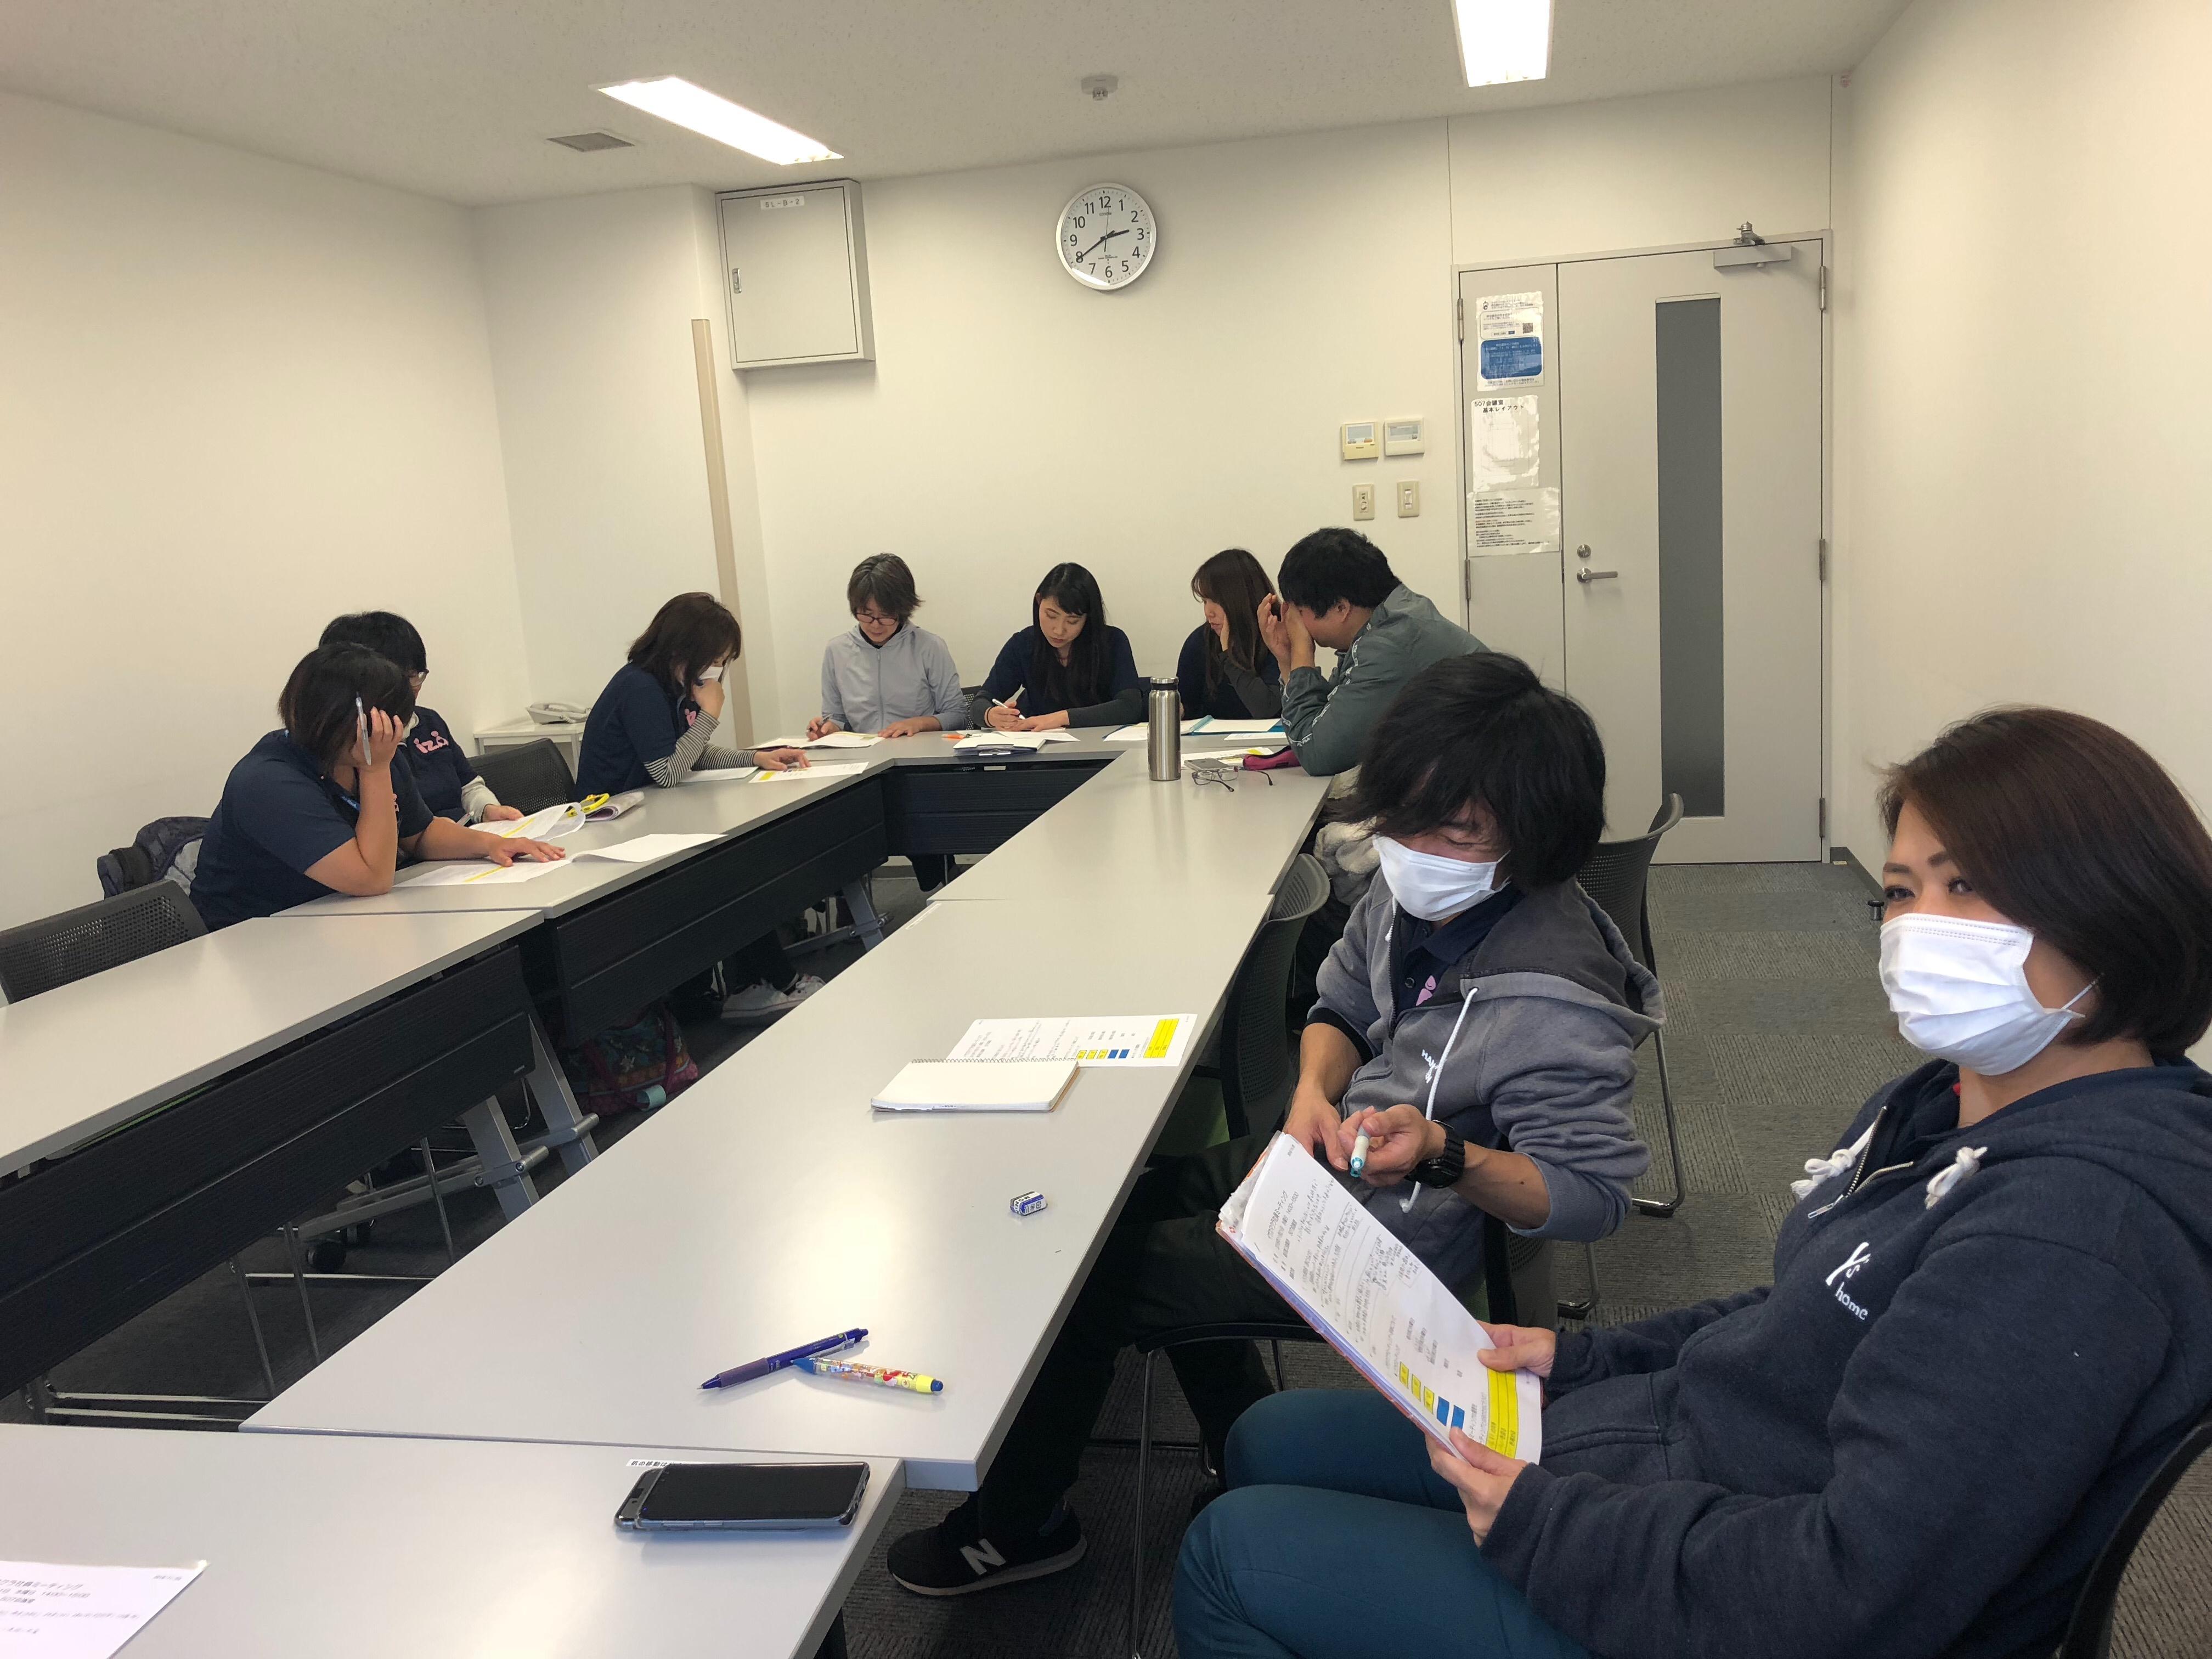 神奈川県鎌倉市の訪問介護・居宅介護支援・介護保険外サービスは株式会社イザカマクラのイザカマクラ便り